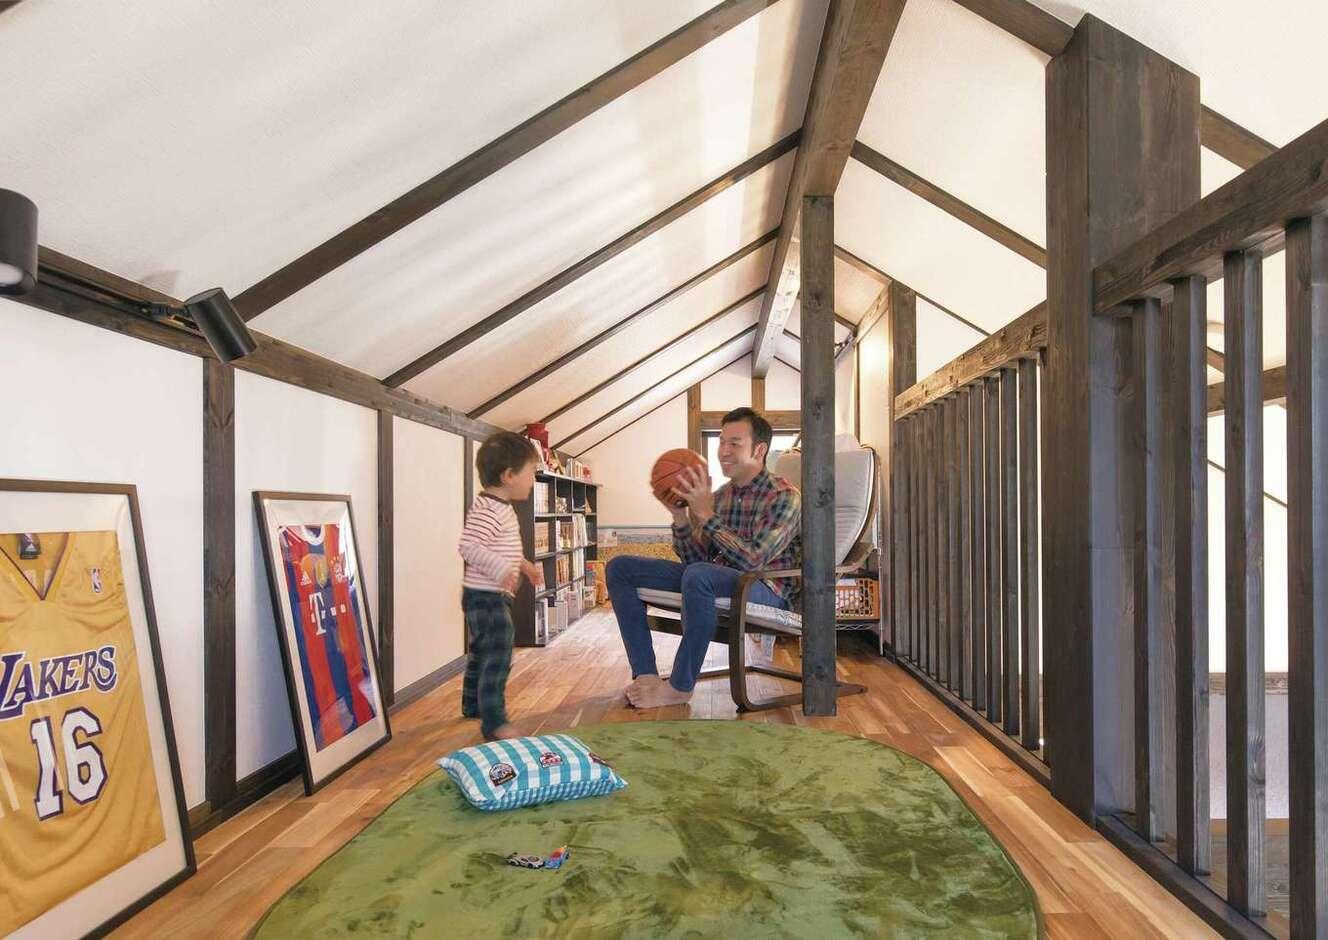 サイエンスホーム甲府店・笛吹店【デザイン住宅、自然素材、間取り】ご主人が「お一人さま」の時間を楽しむために設けた小屋裏のロフトは10.5畳。ときどき、子どもたちにとっての秘密基地にもなっている。天井高1,400mm以下の空間は、固定資産税の対象にならないボーナス空間♪